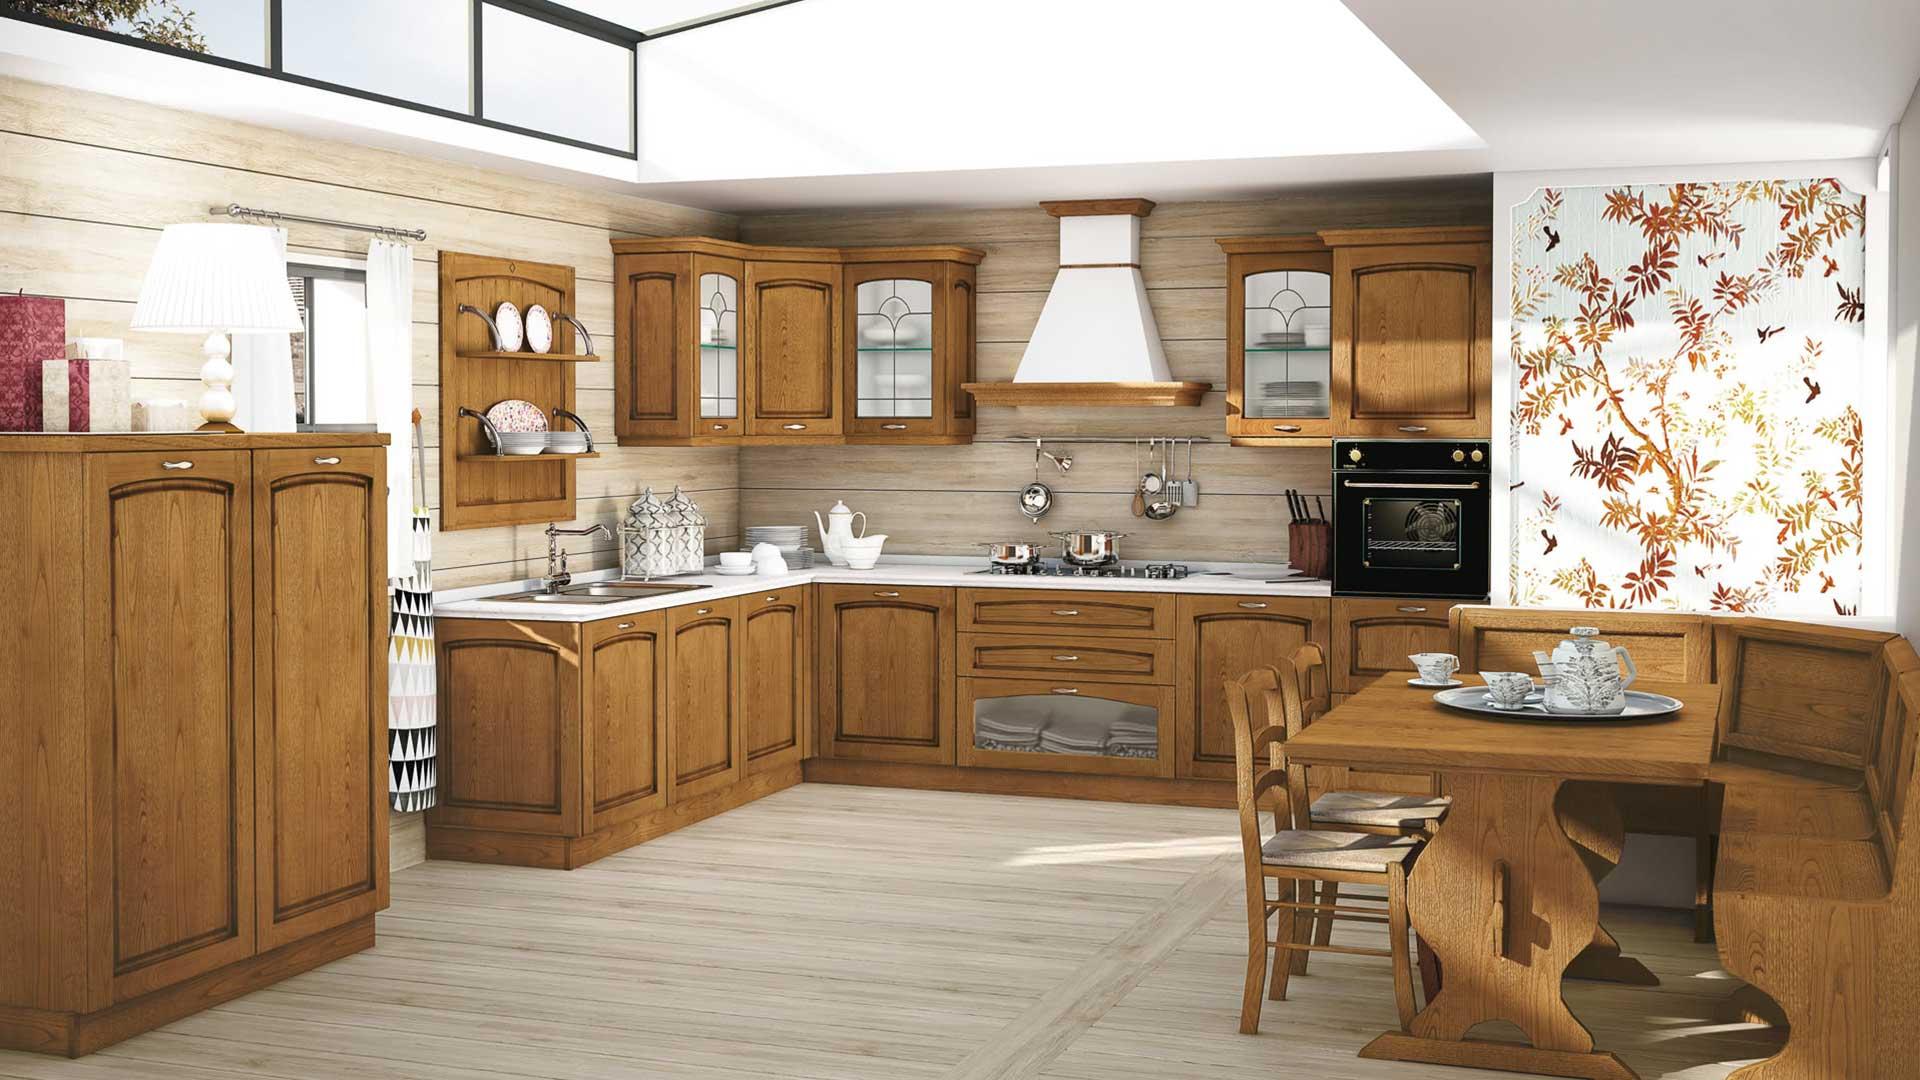 Malin - Cucine Classiche - Creo Kitchens